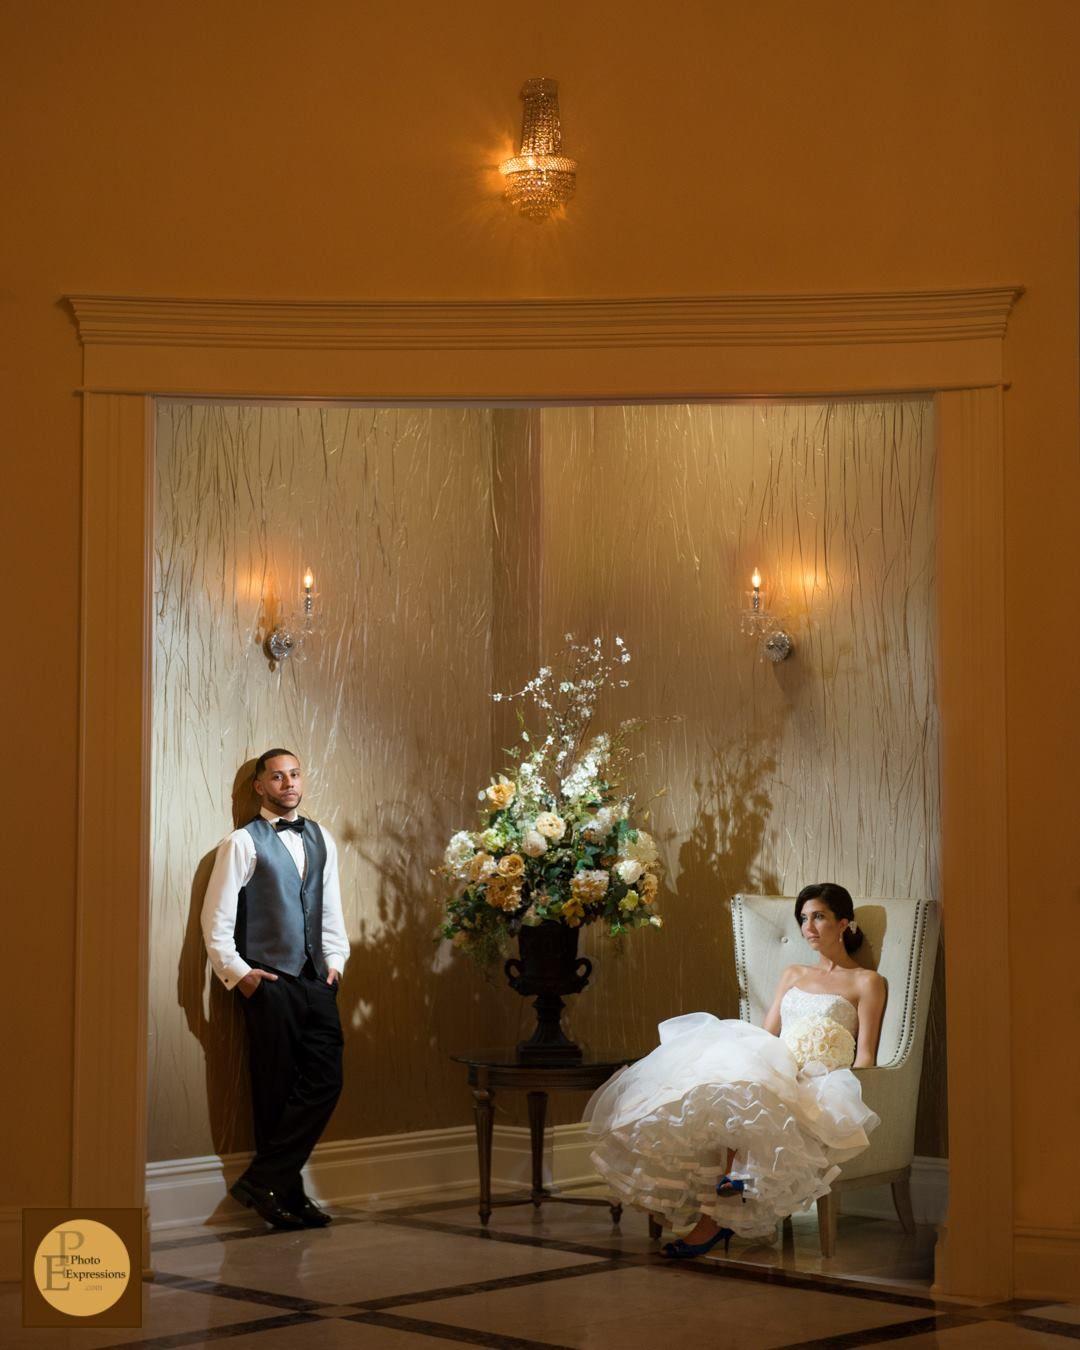 Ct Wedding Photographers: Southington, CT PhotoExpressions.com Wedding Photography